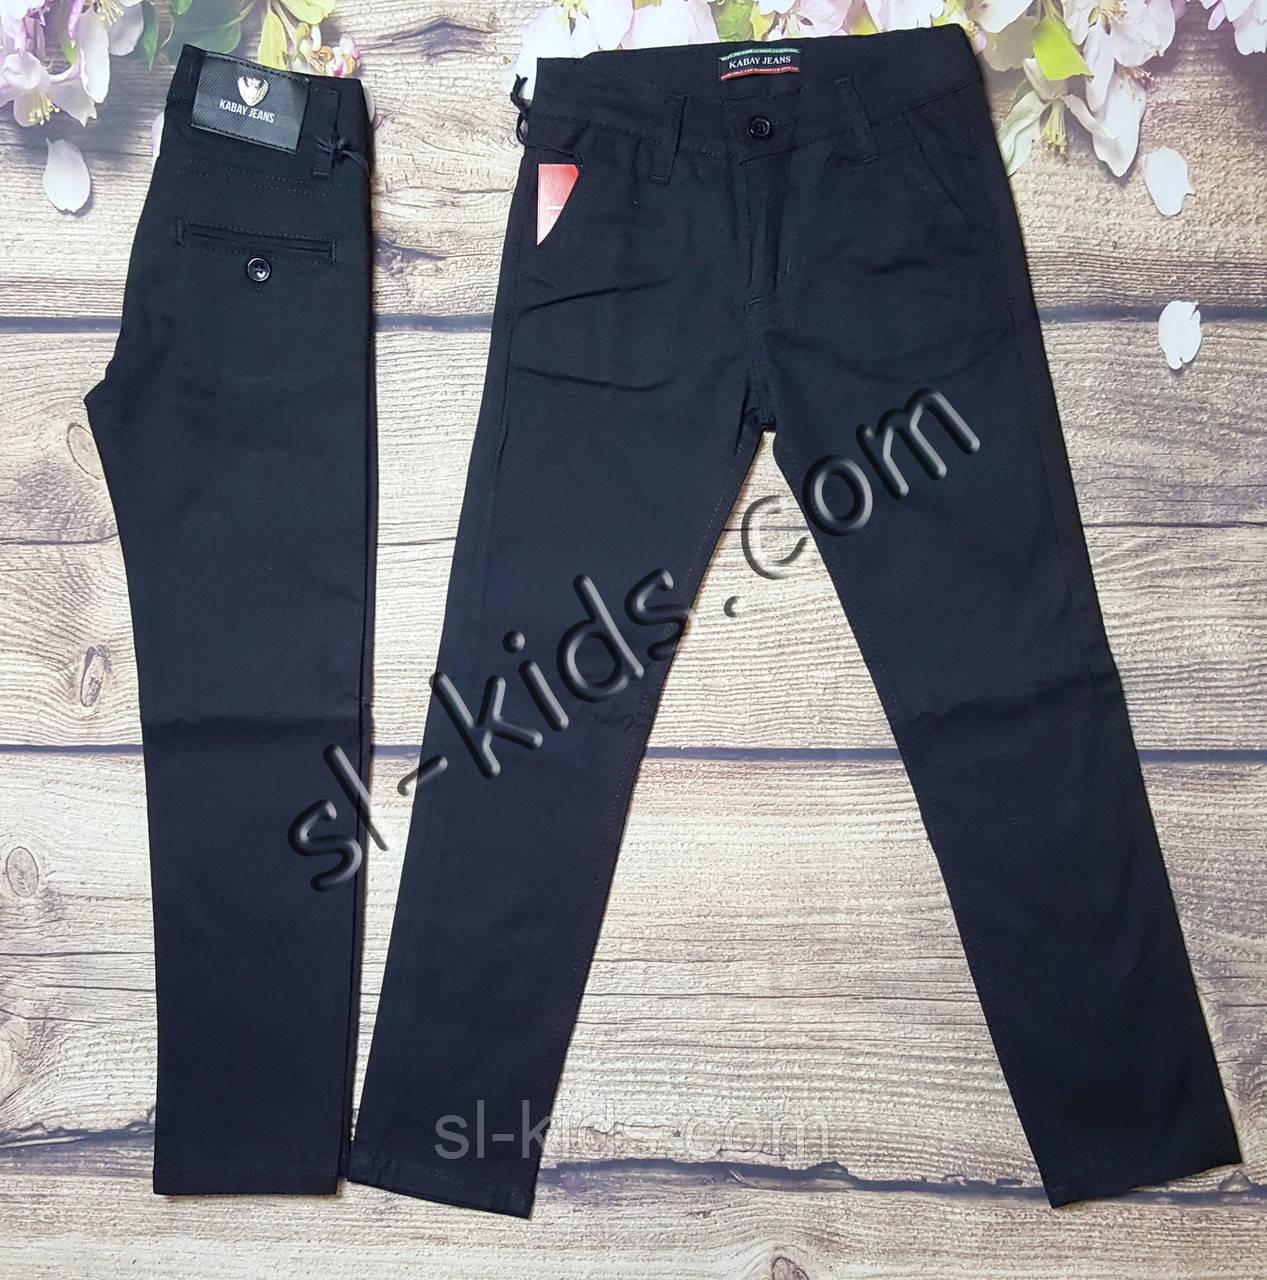 Штаны,джинсы для мальчика 6-10 лет(черные 02) розн пр.Турция